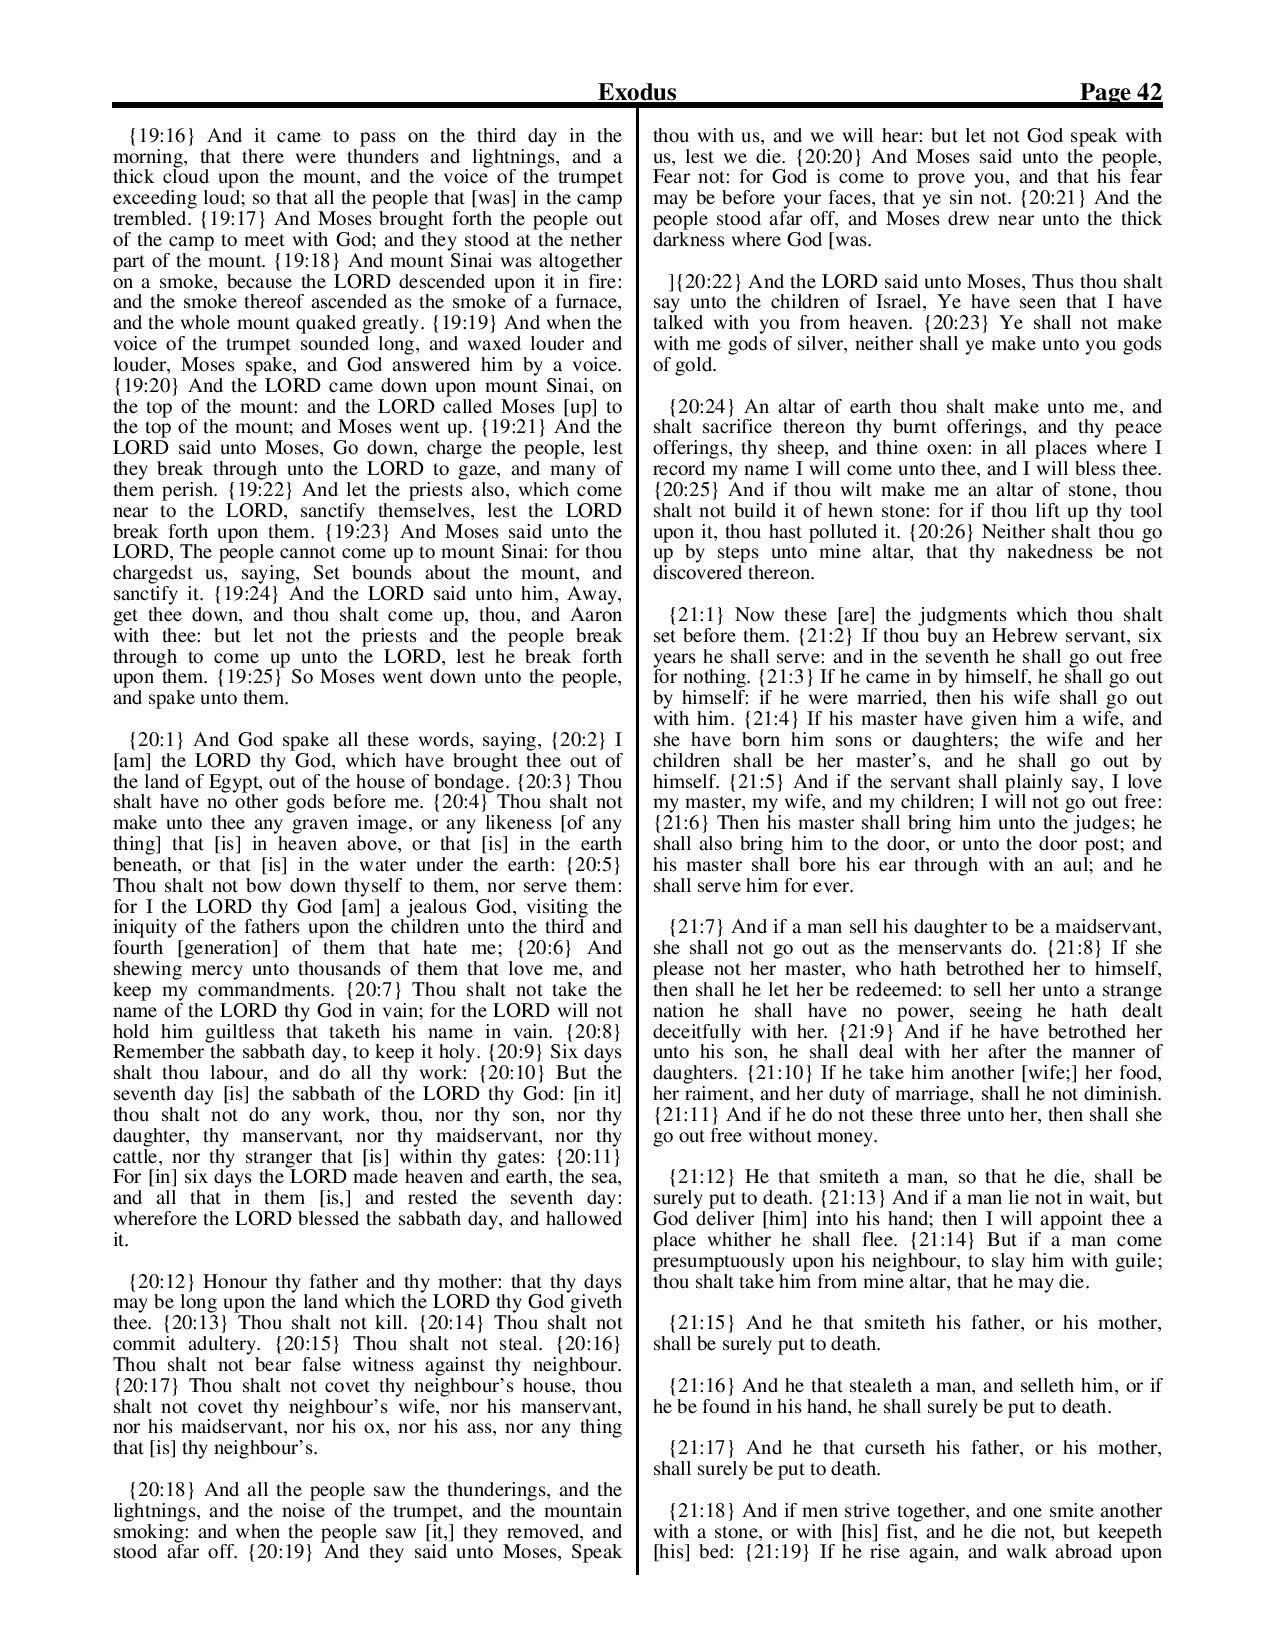 King-James-Bible-KJV-Bible-PDF-page-063